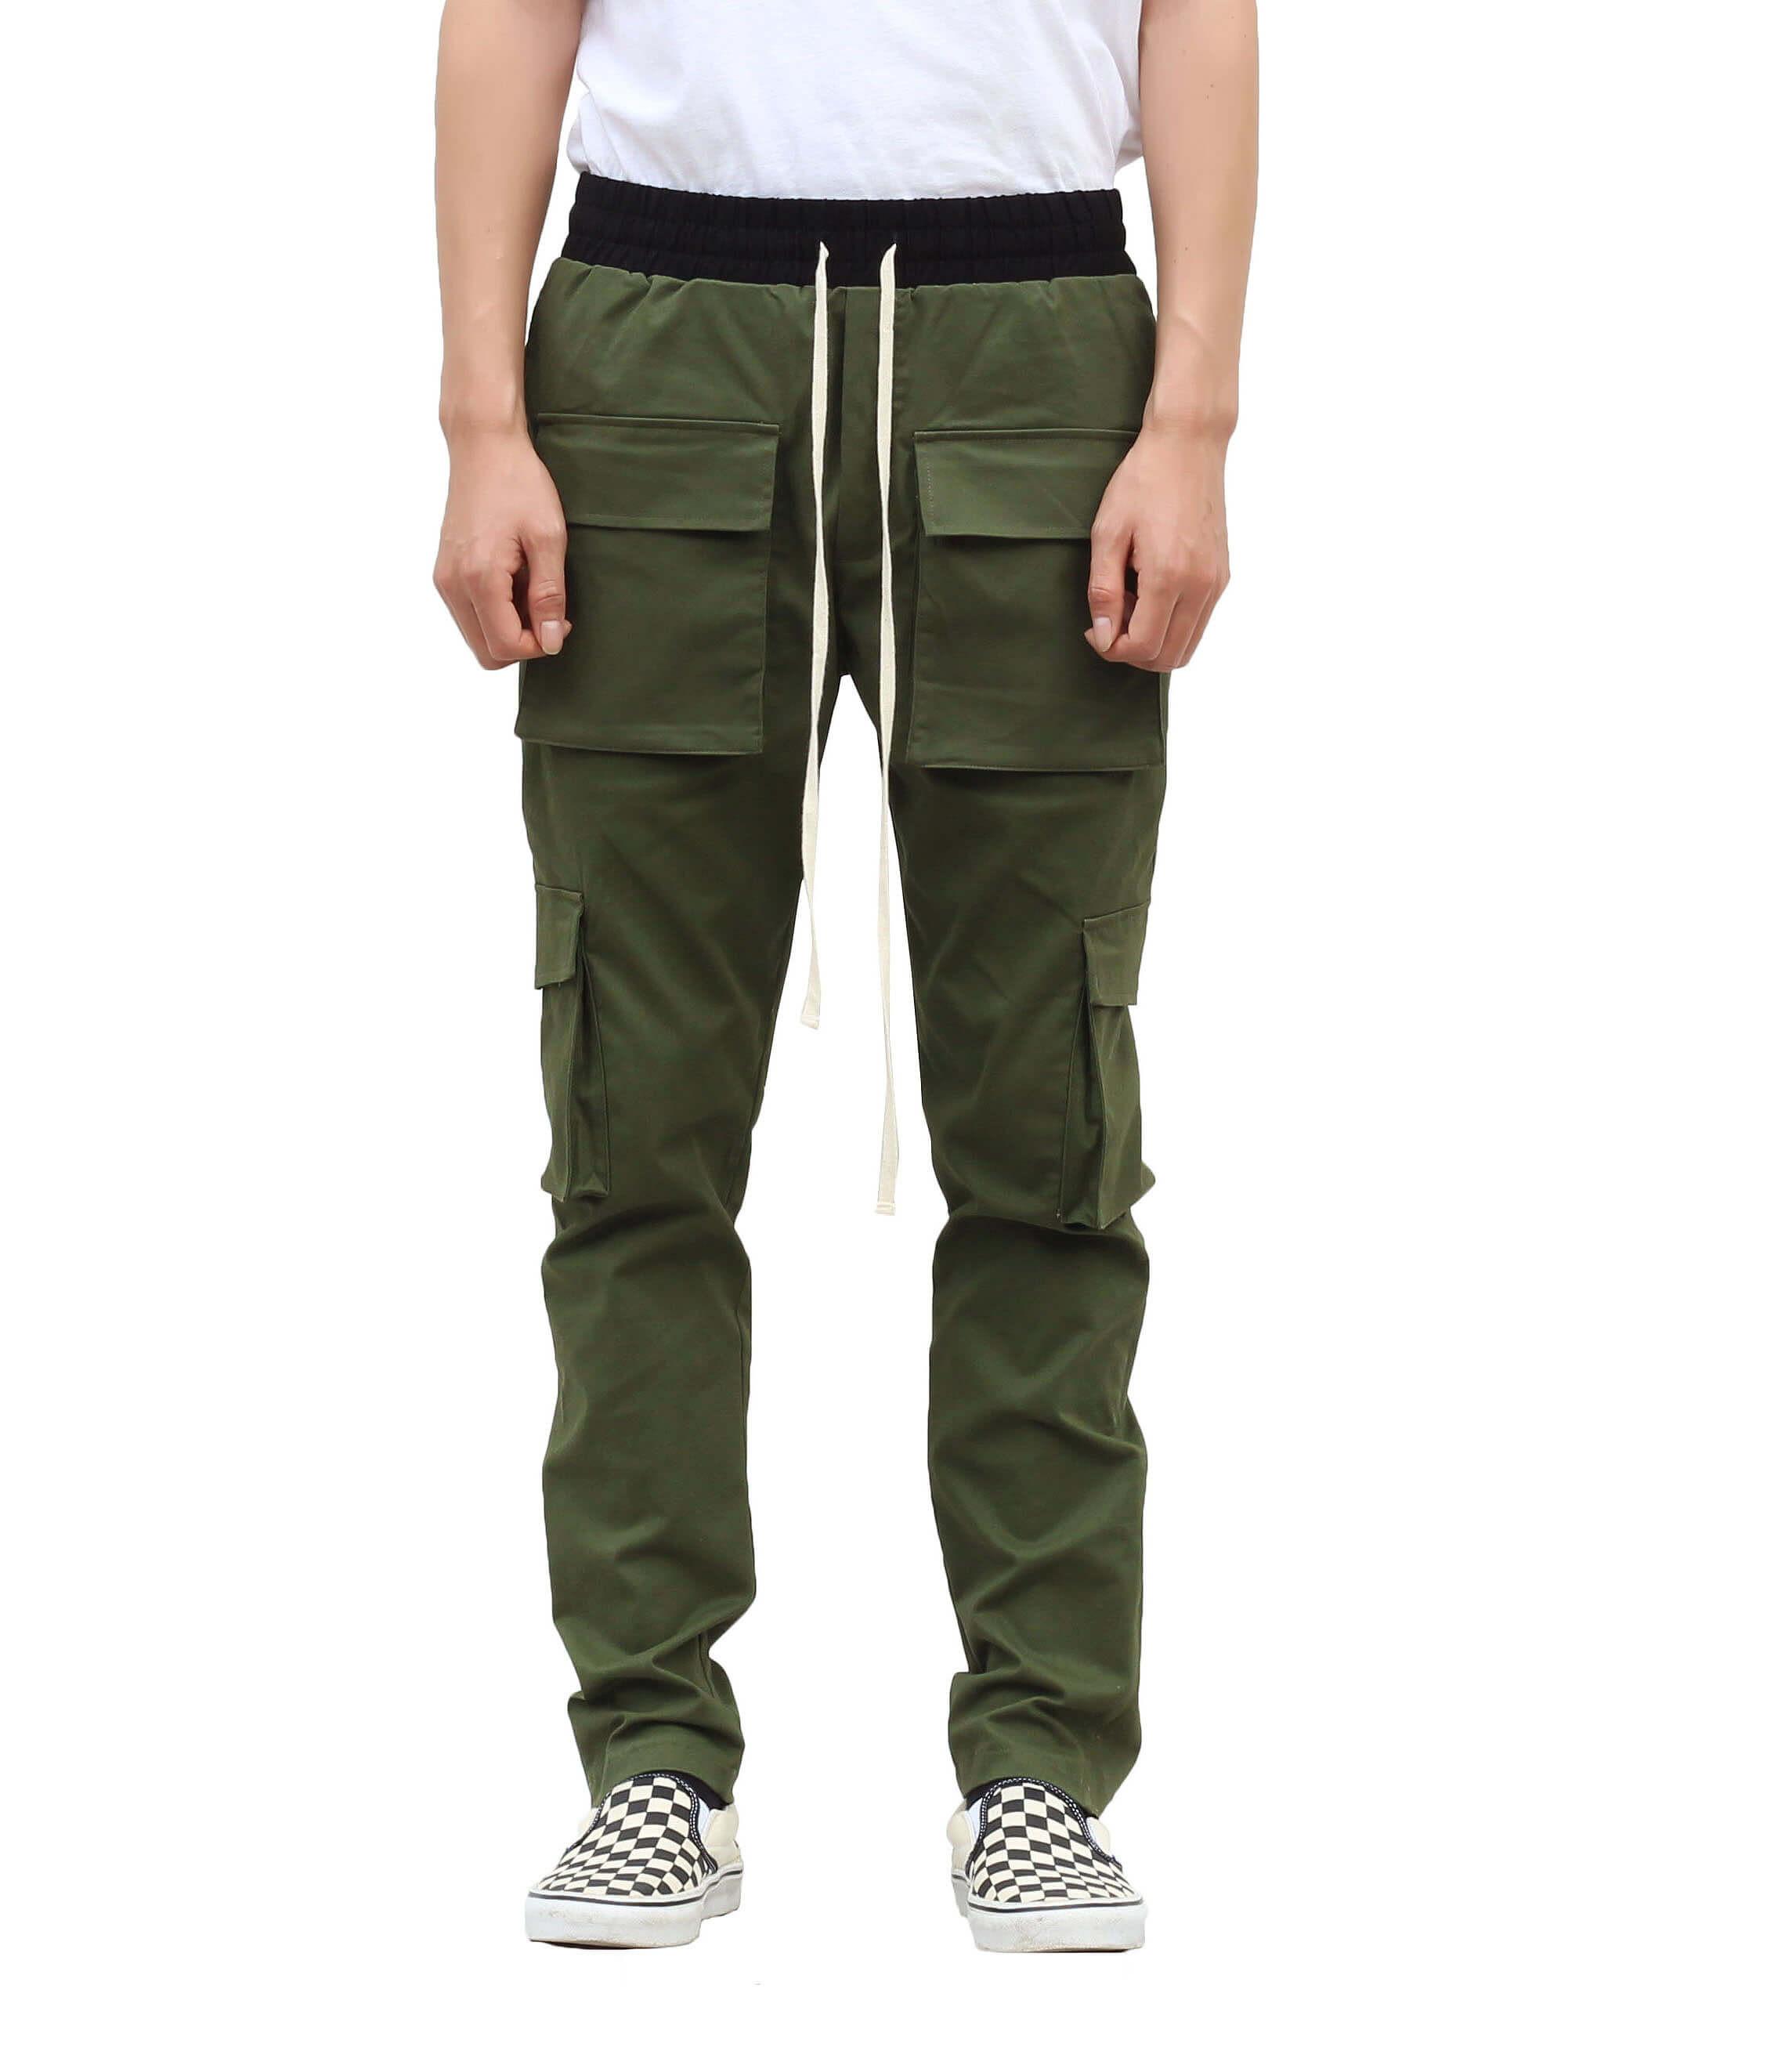 Cargo Pants V2 - Olive